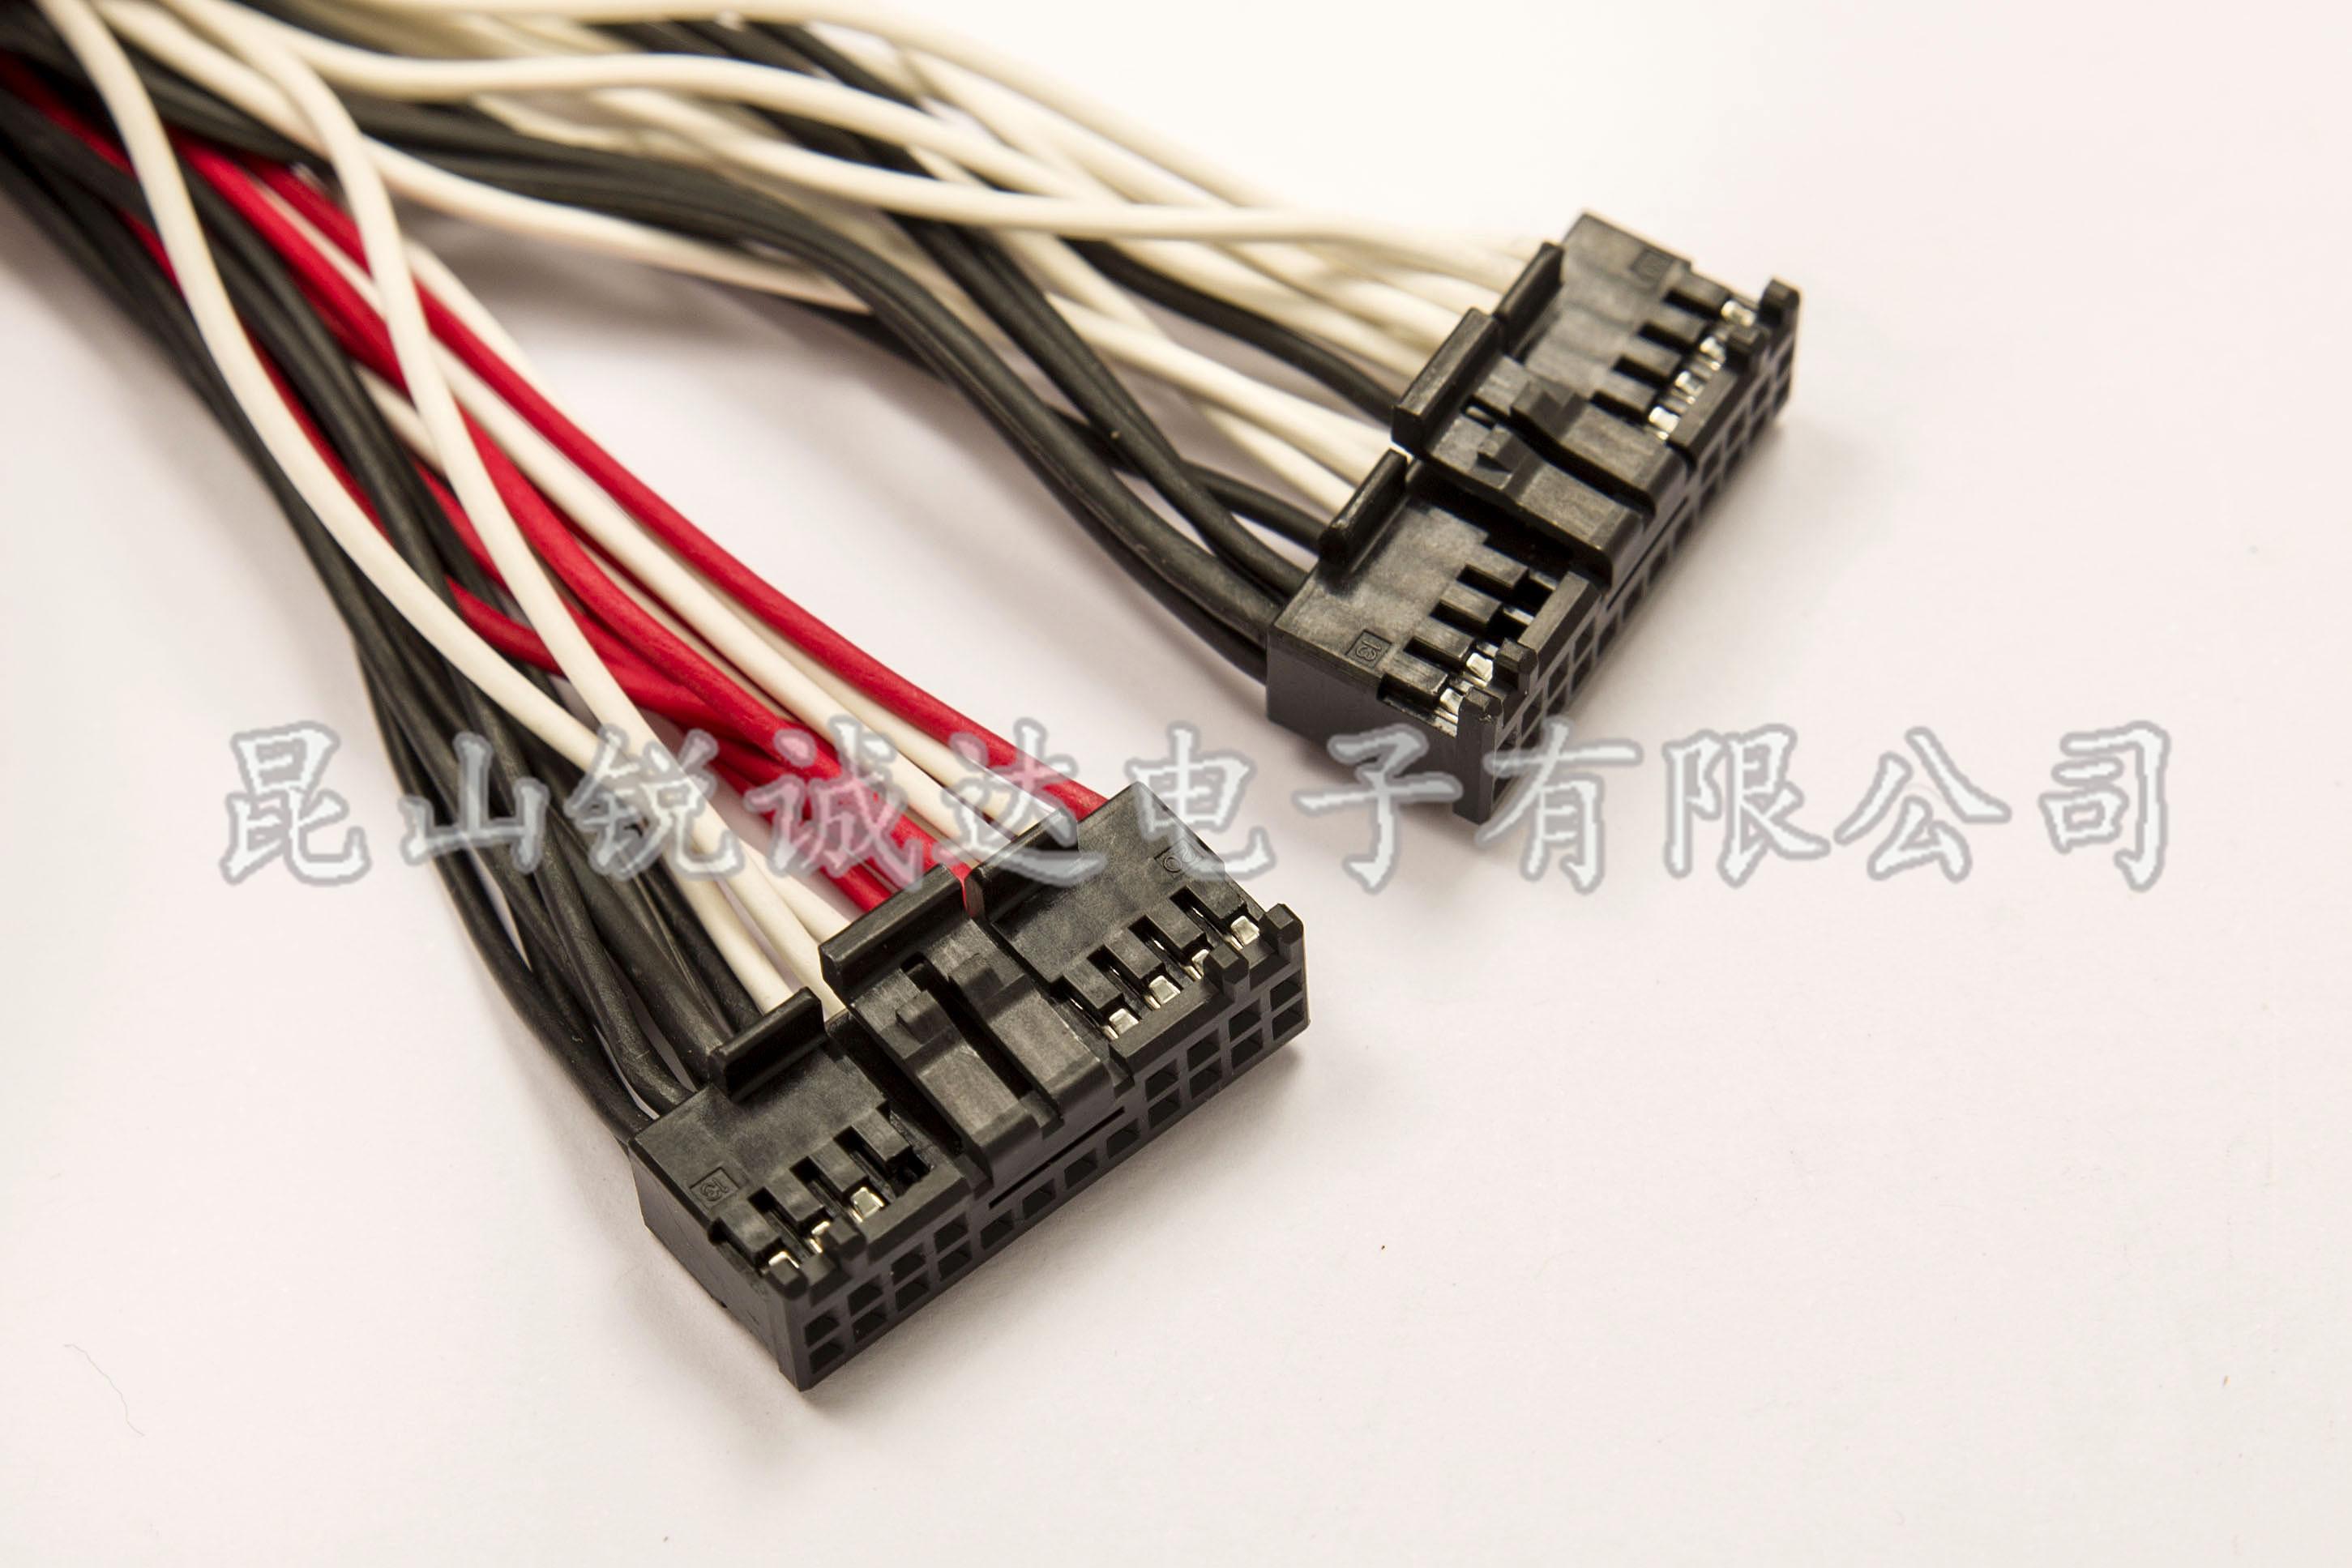 上海专业采集线束生产商 欢迎咨询 锐诚达供